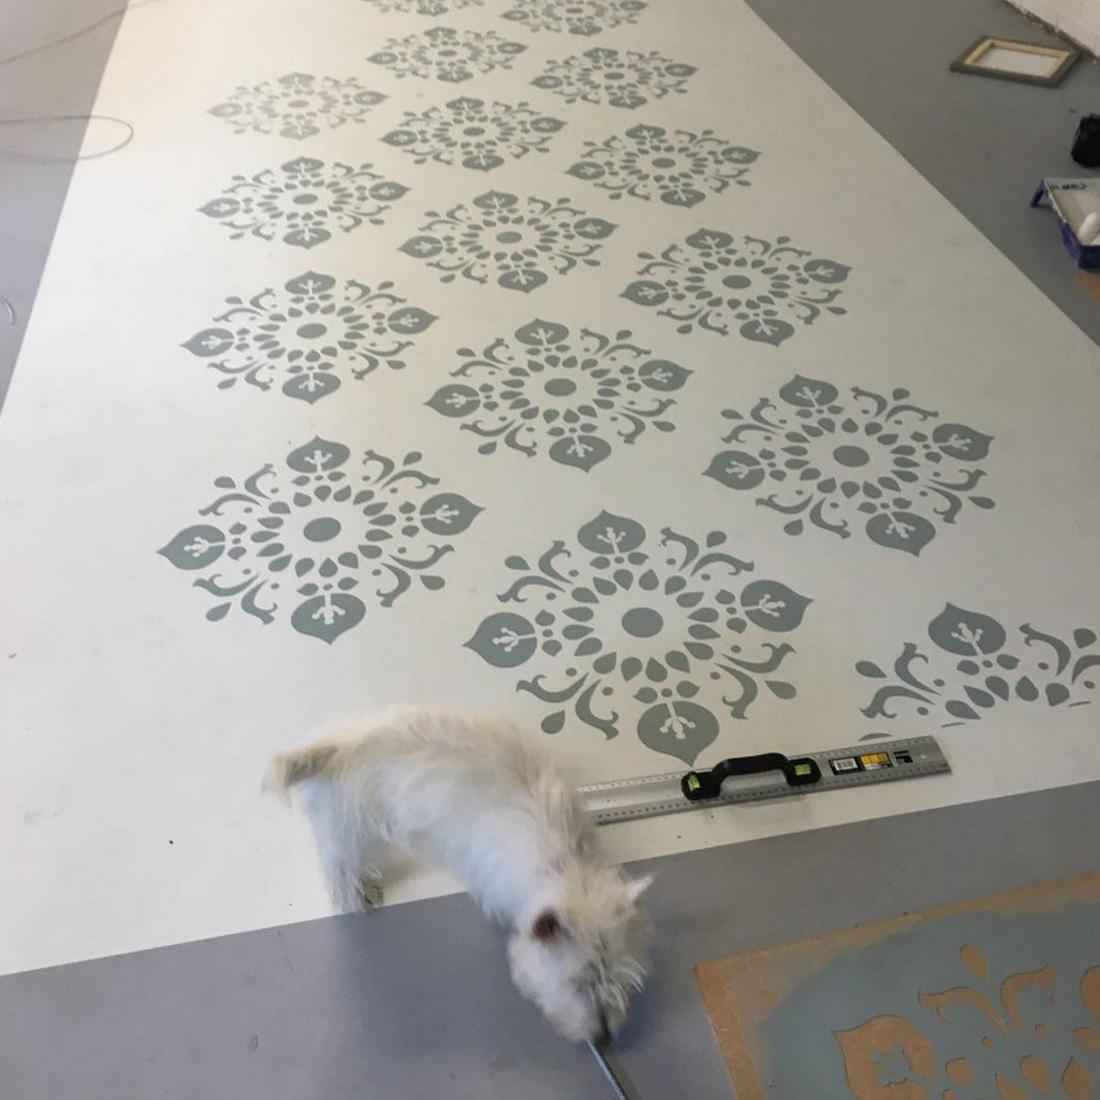 Inredning måla på gammal tapet : MÃ¥la golv och trappor med Autentico kritfärg och kalkfärg